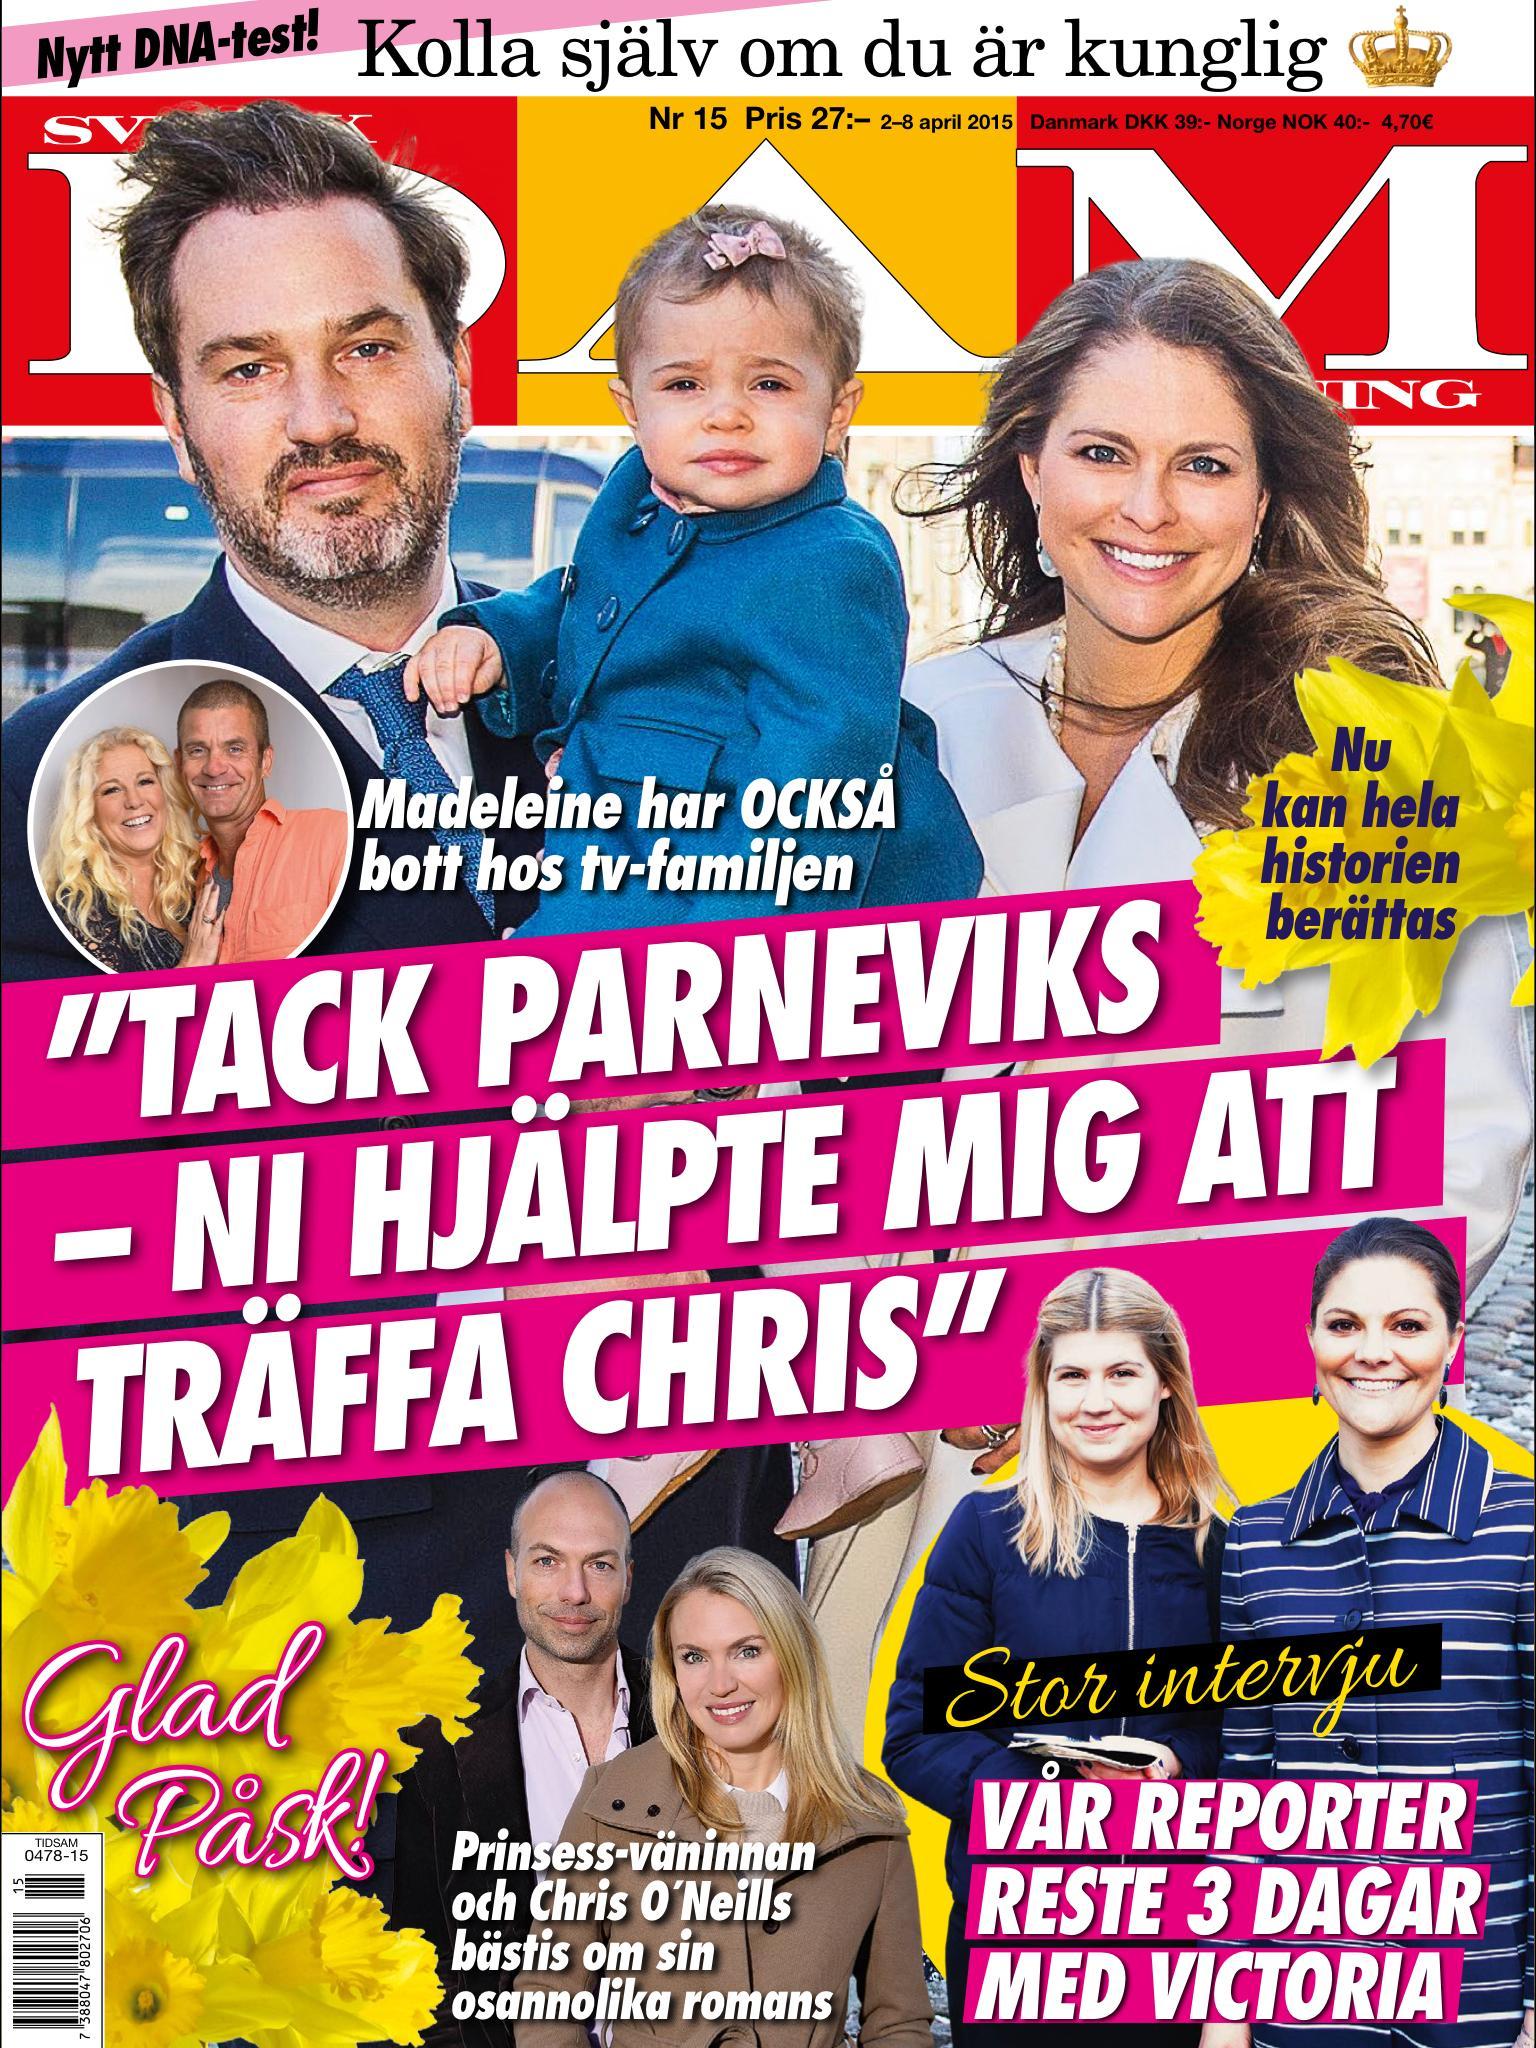 svensk damtidning se kungligt